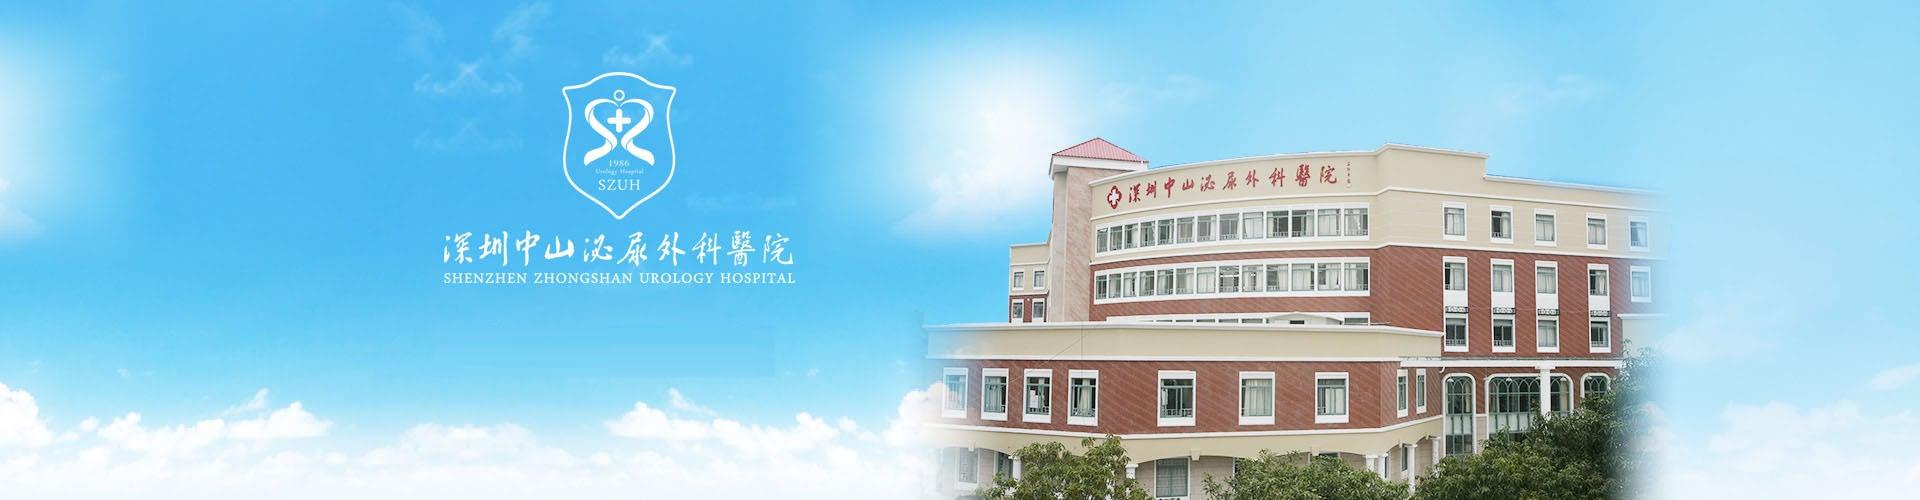 深圳中山泌尿外科醫院生殖中心醫院大圖Banner